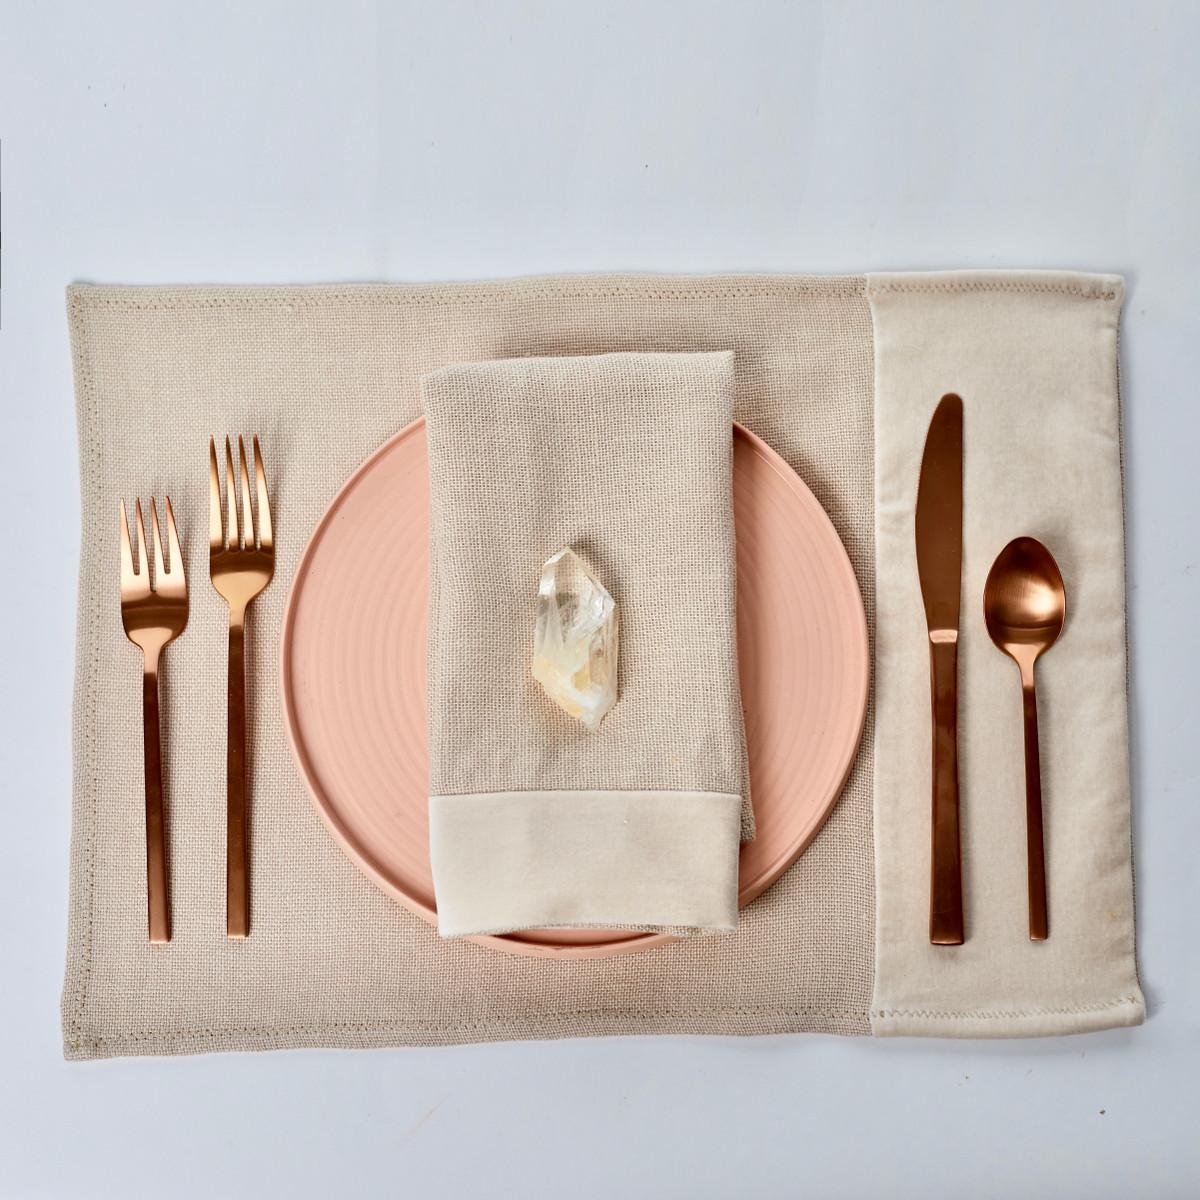 Alexis Ivory Quartz Linen Placemat - Setting